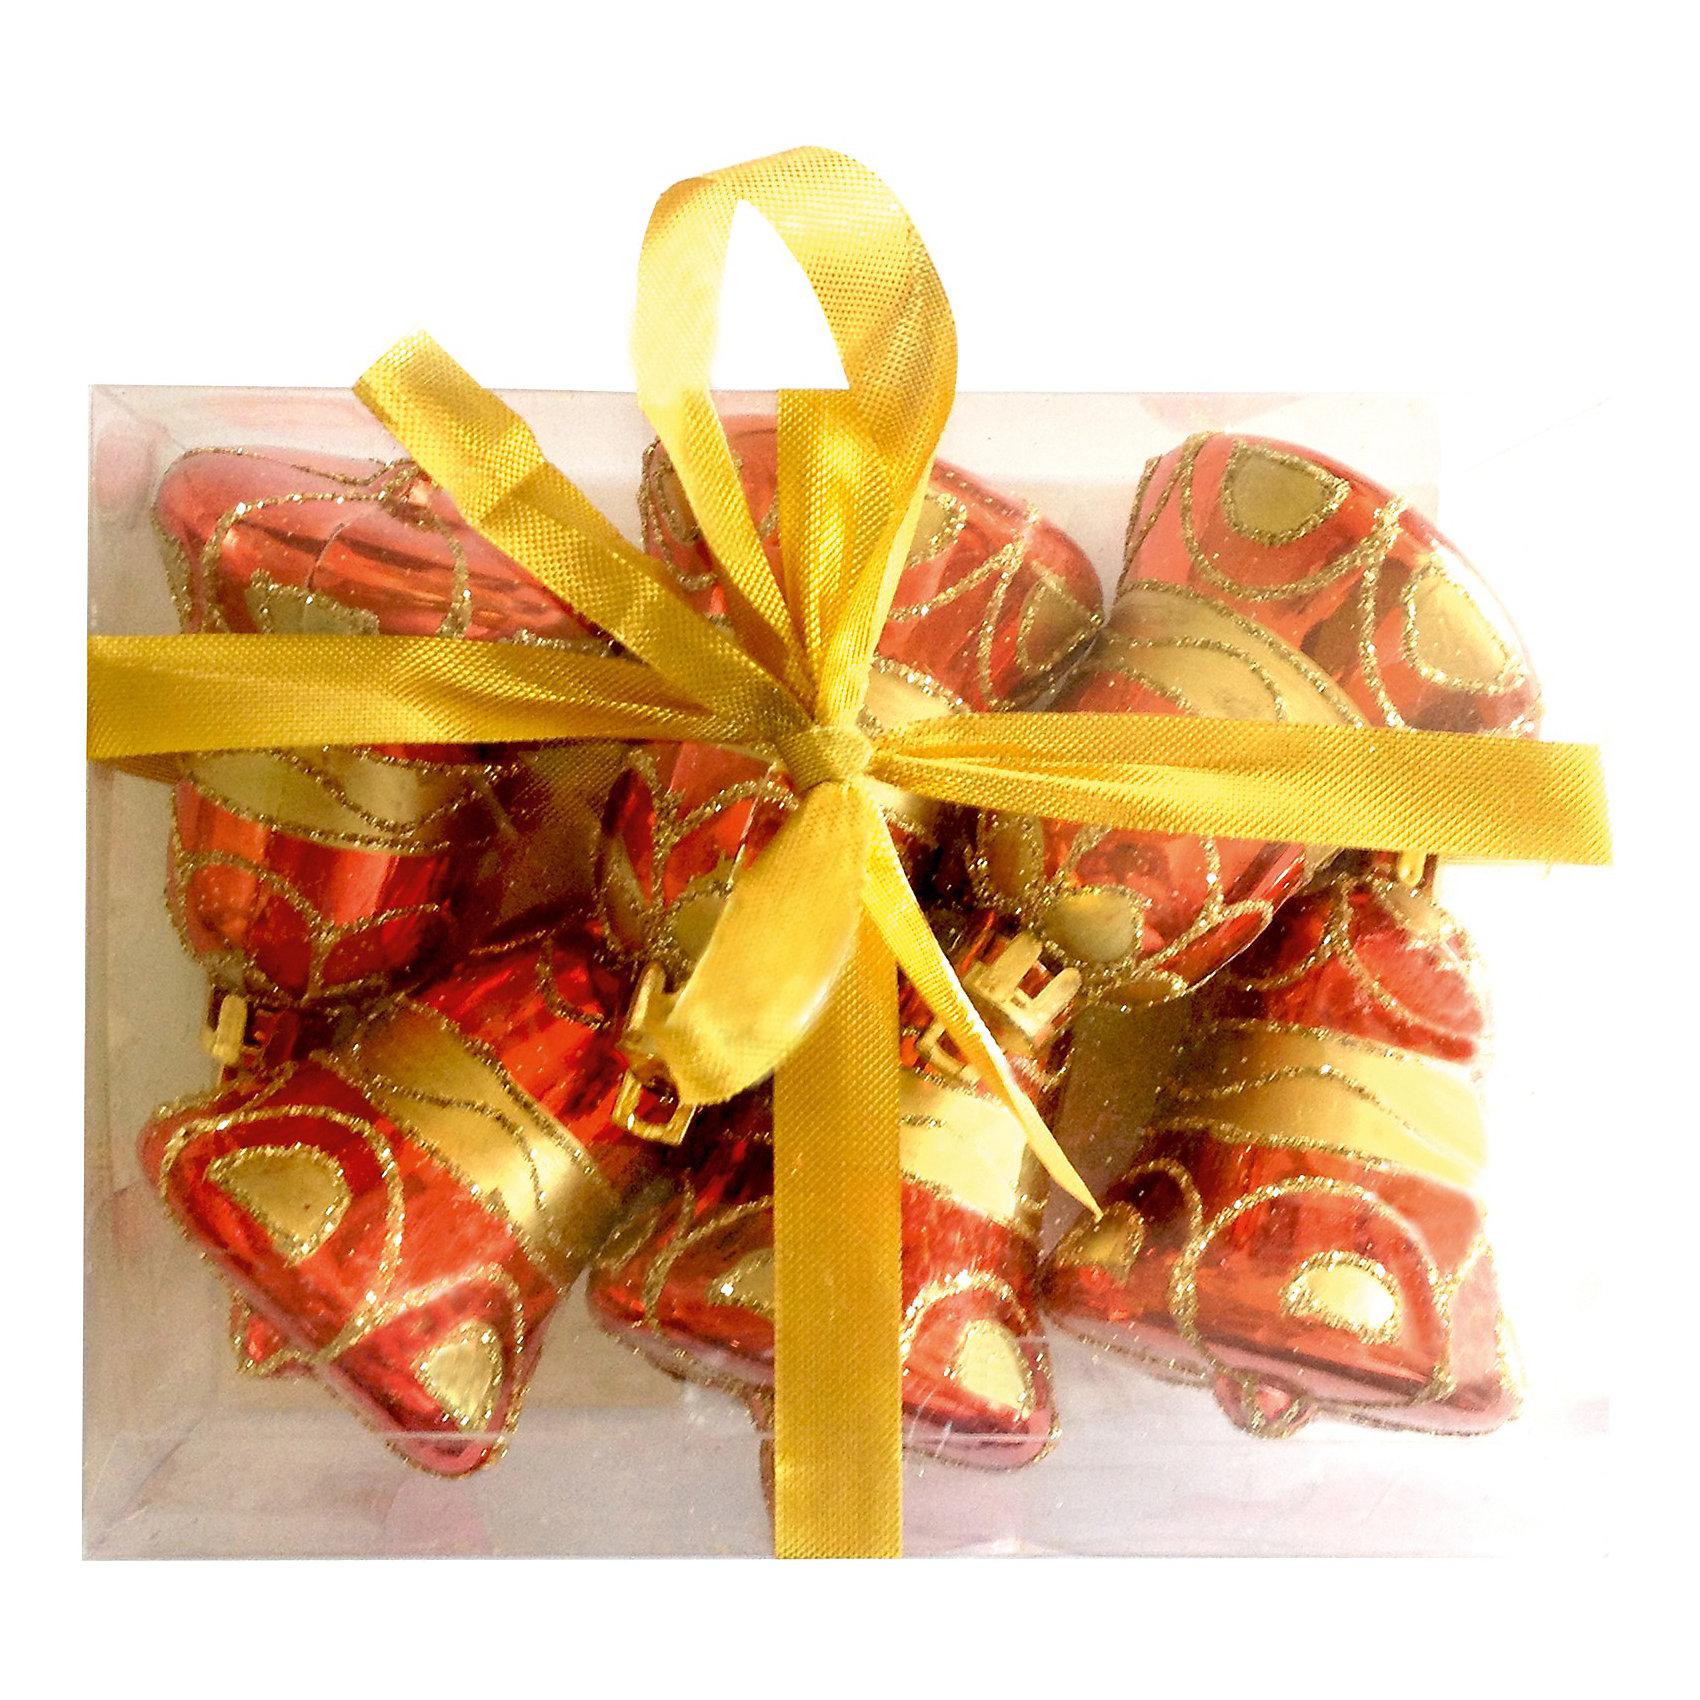 Елочное украшение «Колокольчики», 6 см, 6 шт.Всё для праздника<br>Елочное украшение Колокольчики, Волшебная страна замечательно дополнит наряд Вашей новогодней елки и поможет создать праздничную радостную атмосферу. Украшение<br>выполнено в виде красочного колокольчика, украшенного узором, оно будет чудесно смотреться на елке и радовать детей и взрослых. Игрушки упакованы в прозрачную<br>коробочку из ПВХ, перевязанную ленточкой.<br><br>Дополнительная информация:<br><br>- В комплекте: 6 шт.<br>- Размер украшения: 6 см.<br>- Размер упаковки: 12 x 10 x 5 см.<br>- Вес: 60 гр.<br><br>Елочное украшение Колокольчики, Волшебная страна можно купить в нашем интернет-магазине.<br><br>Ширина мм: 490<br>Глубина мм: 100<br>Высота мм: 50<br>Вес г: 60<br>Возраст от месяцев: 60<br>Возраст до месяцев: 180<br>Пол: Унисекс<br>Возраст: Детский<br>SKU: 3791357